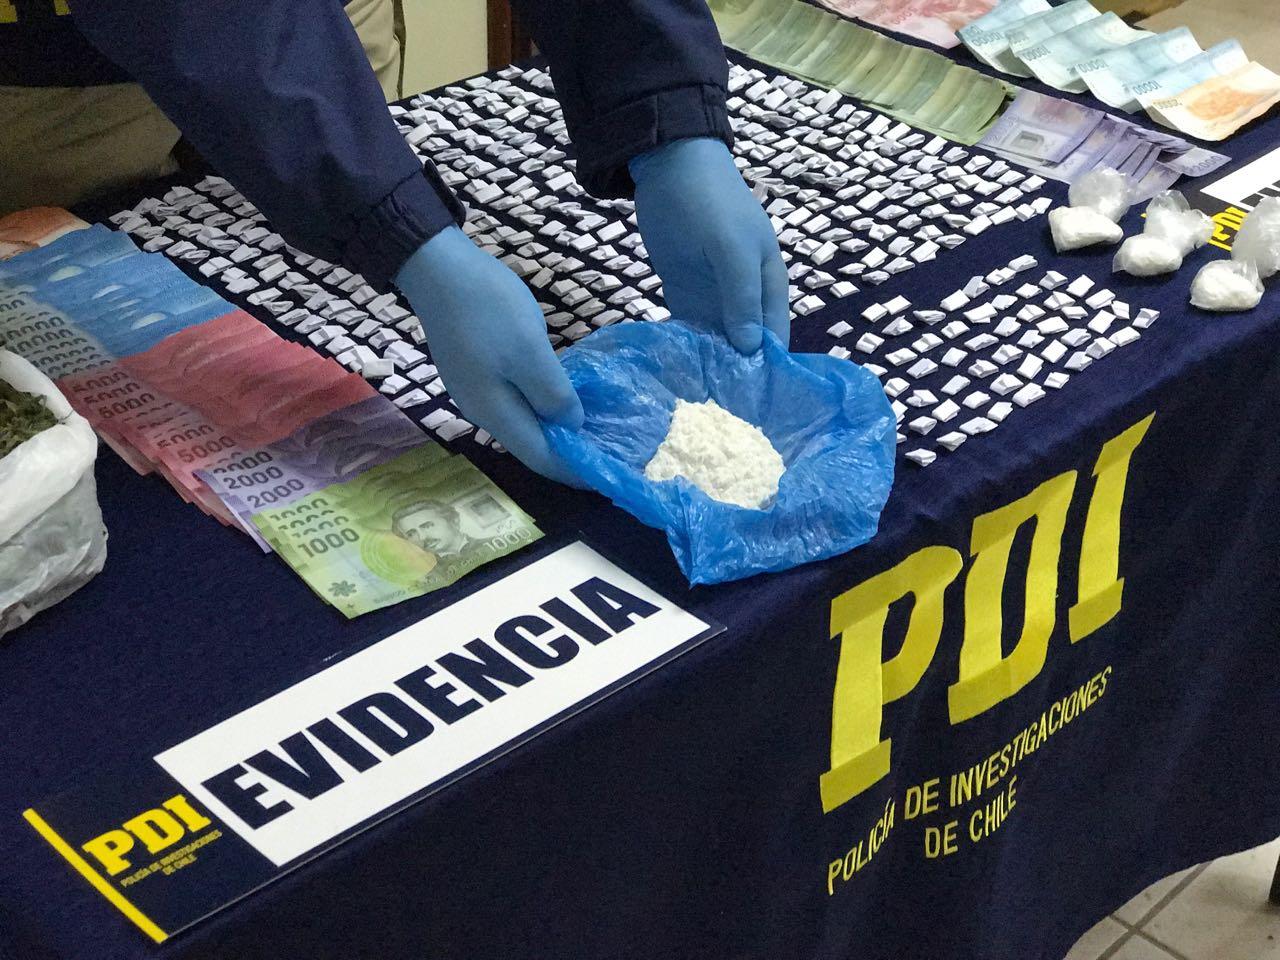 PDI Linares saca de circulación 1.700 dosis de droga y detiene a mujer de 41 años